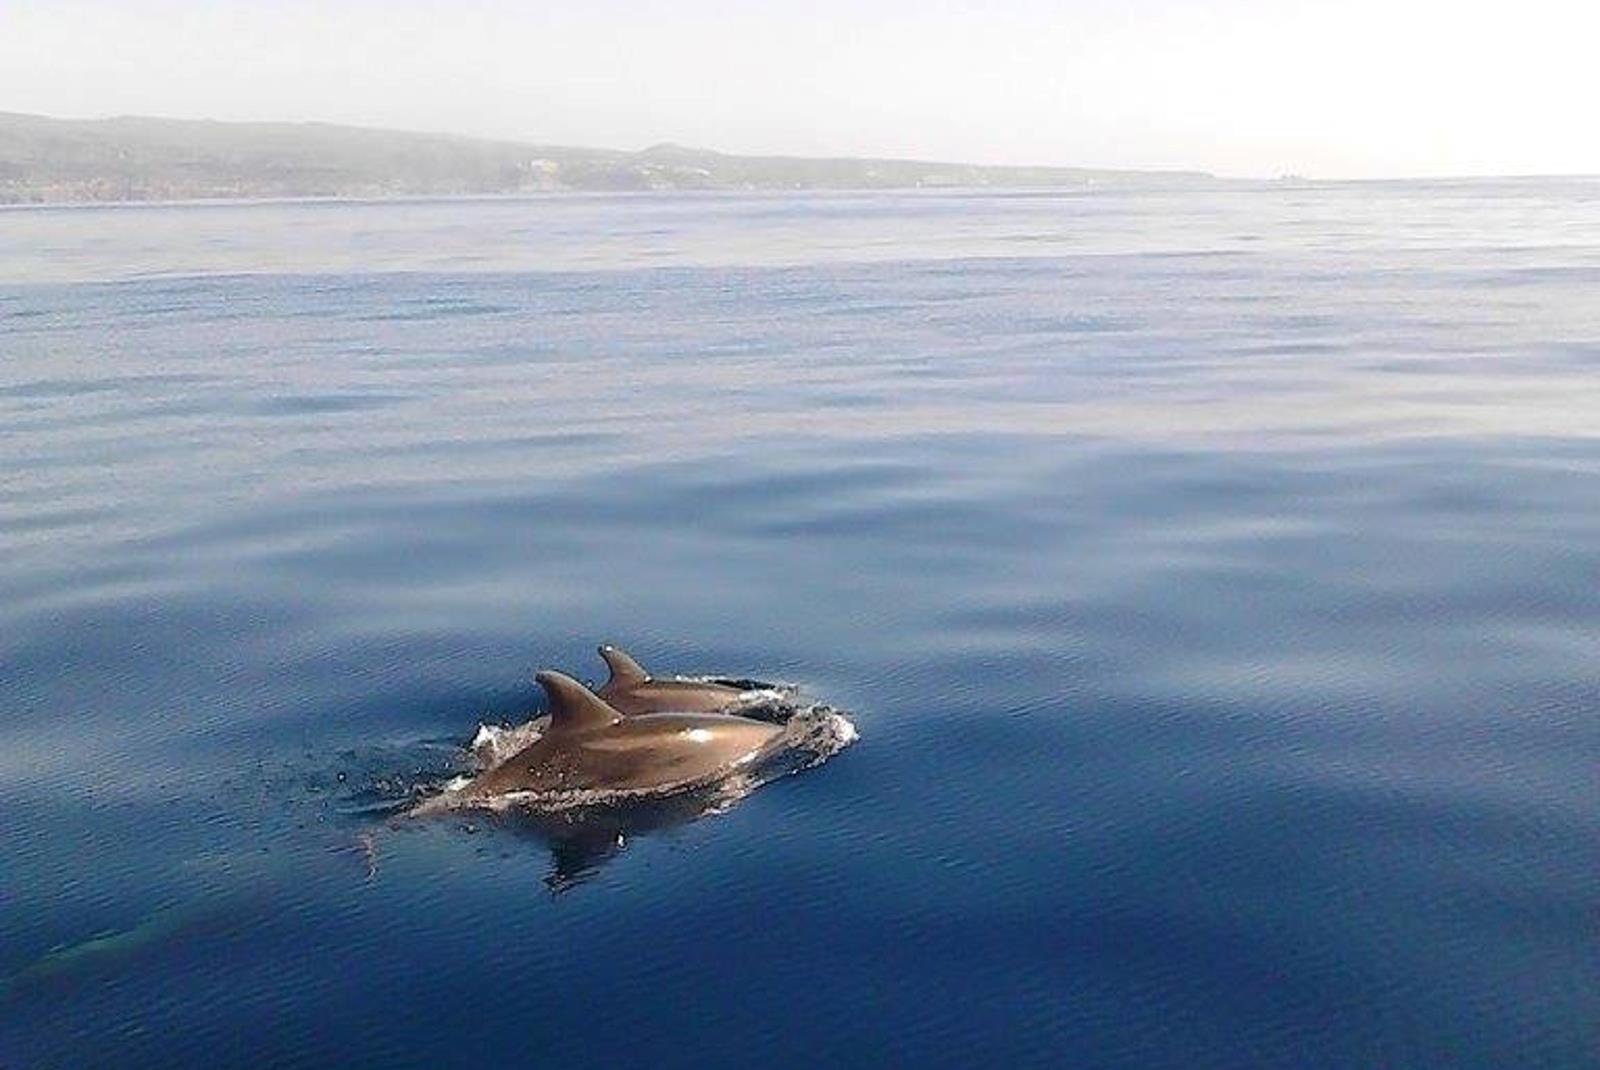 Sailing-Boat-Trip-from-Puerto-de-Mogan-8